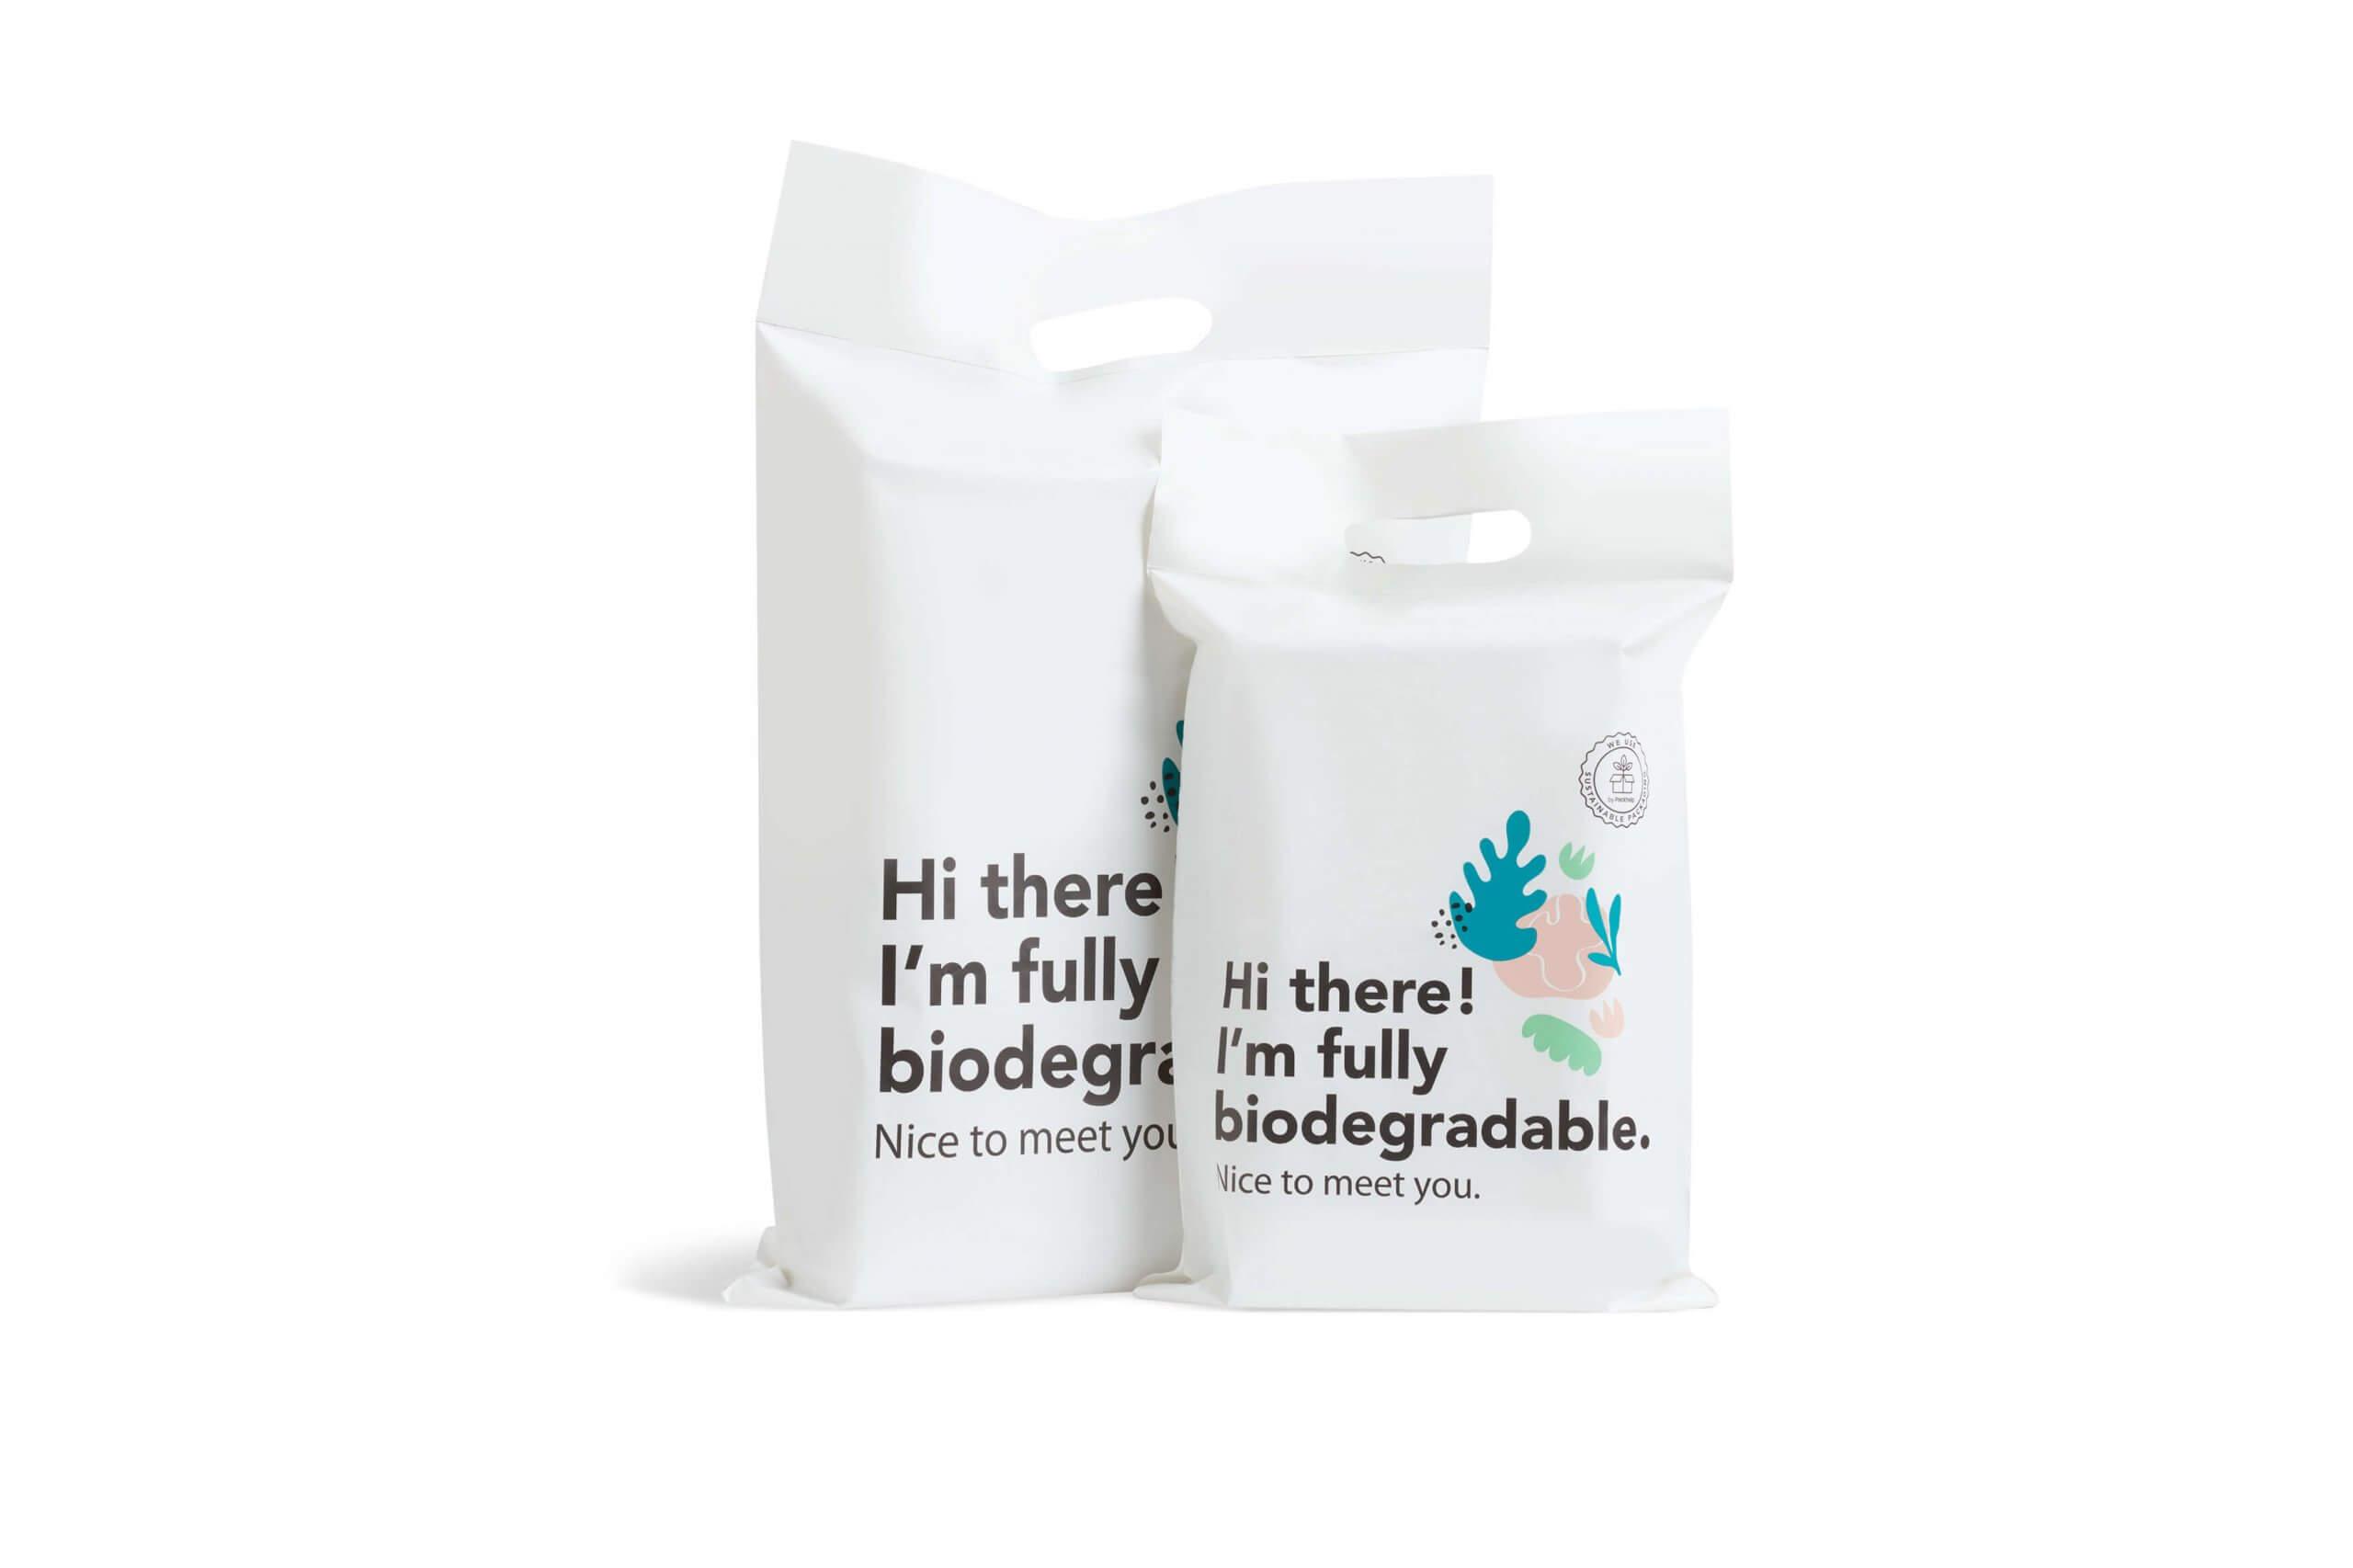 bolsas compostables para reducir el uso de las bolsas tradicionales